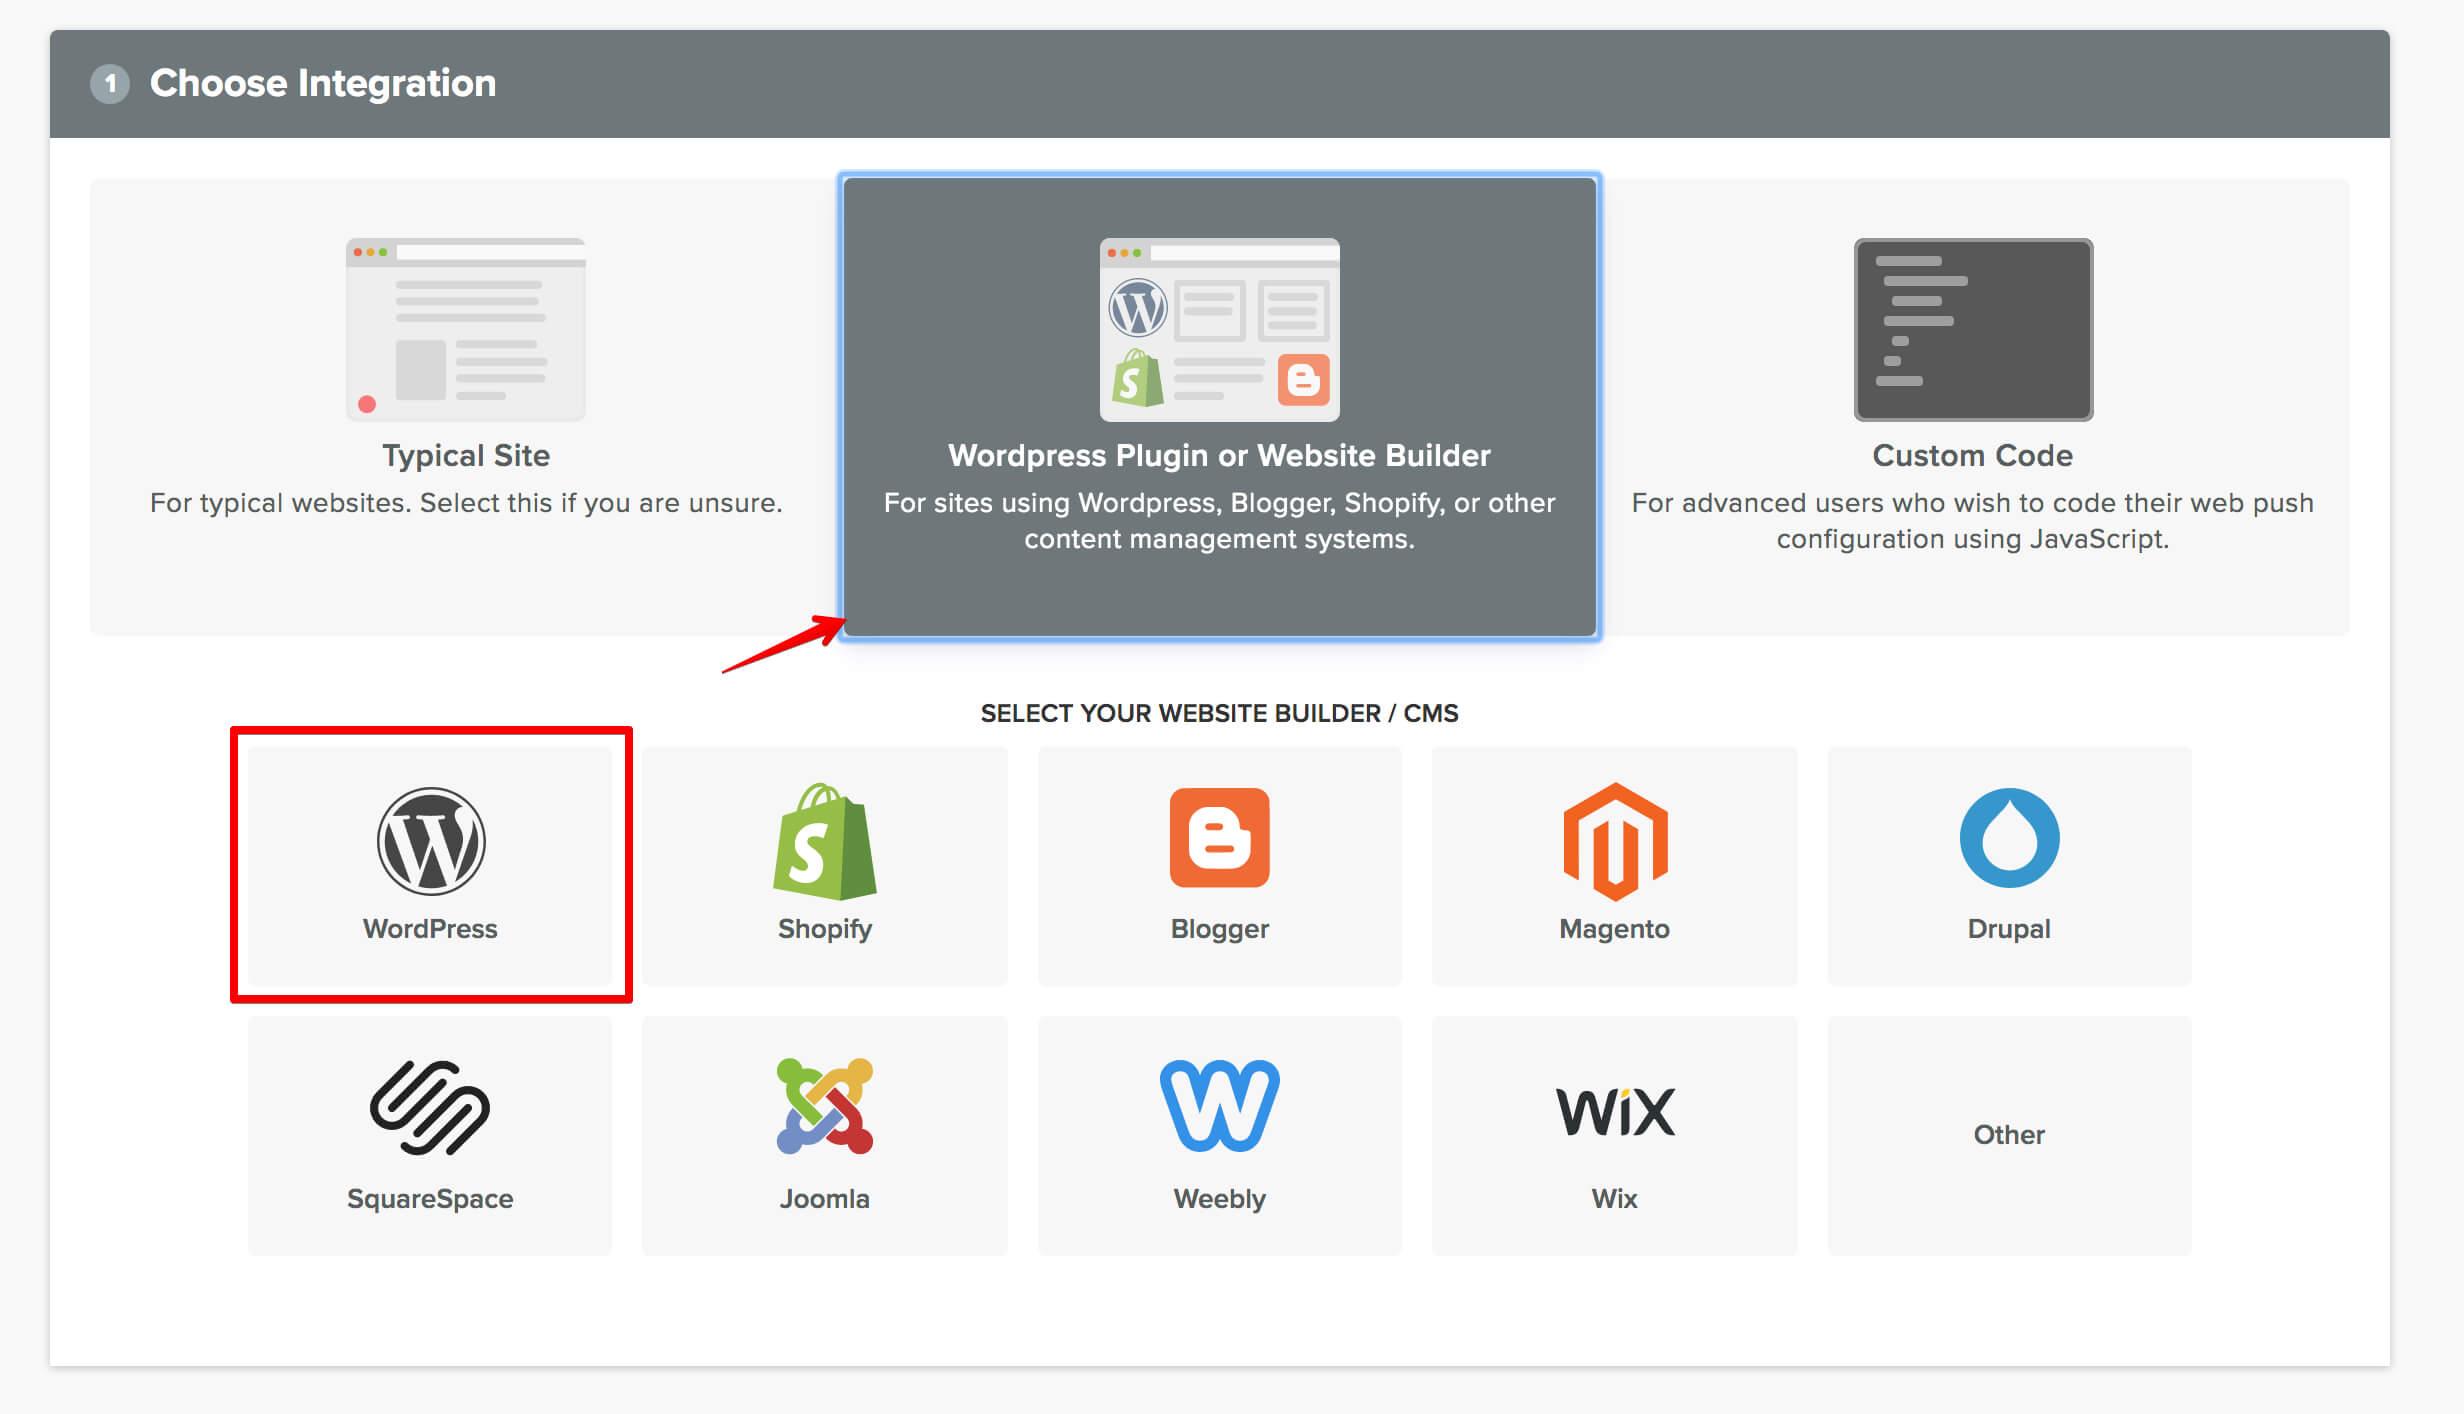 imagen de selección de integración con wordpress para las notificaciones push